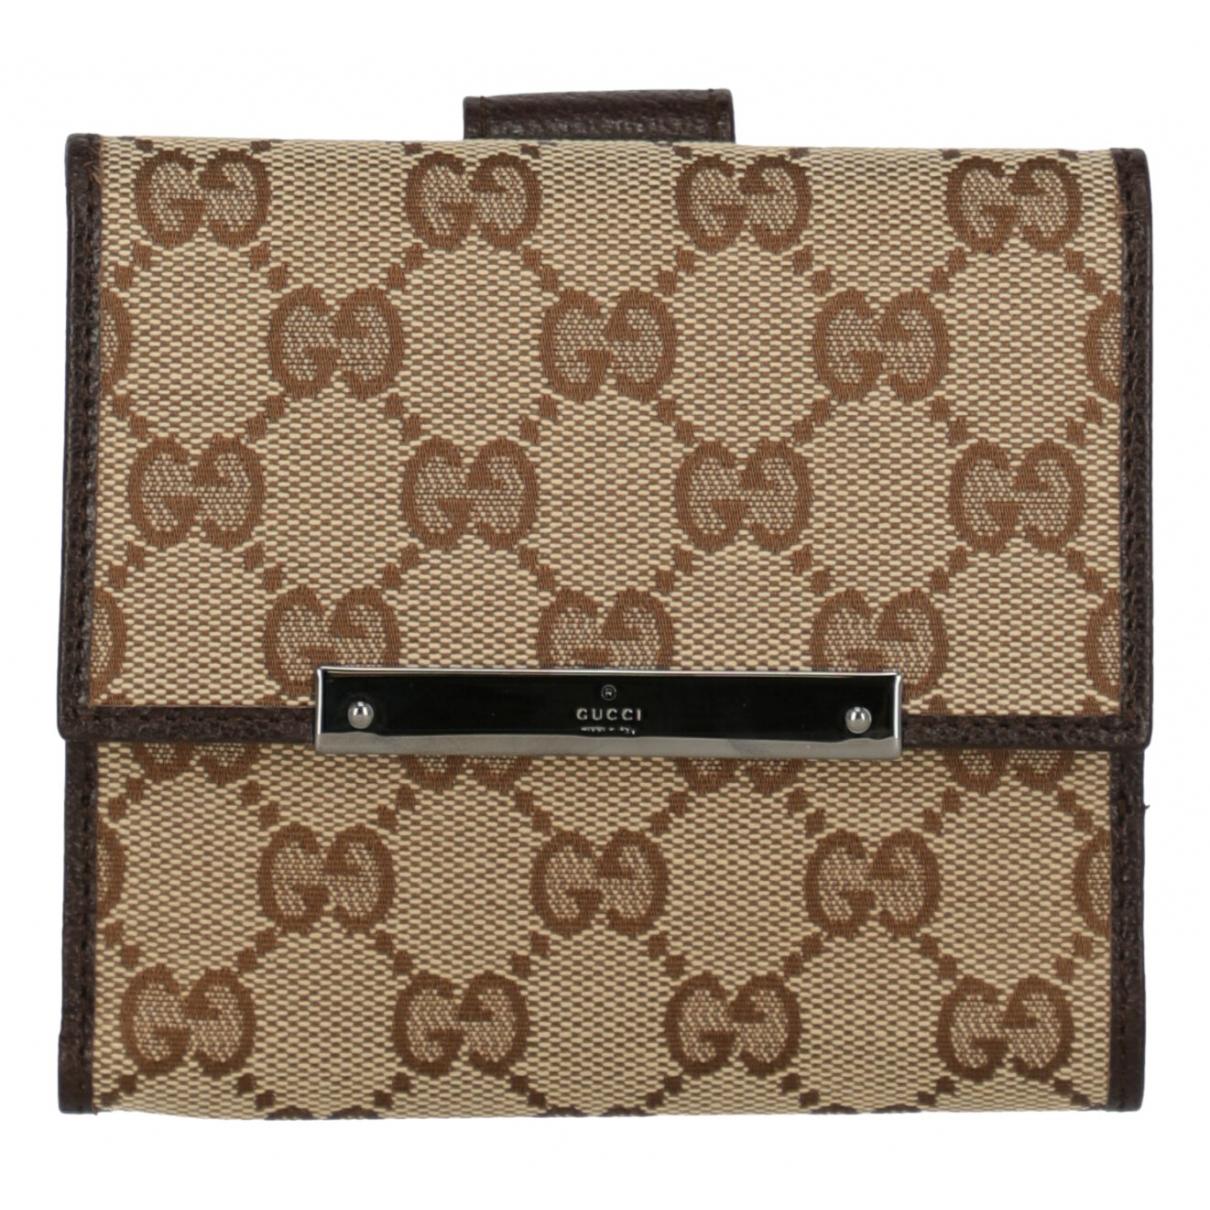 Gucci \N Beige Cotton wallet for Women \N